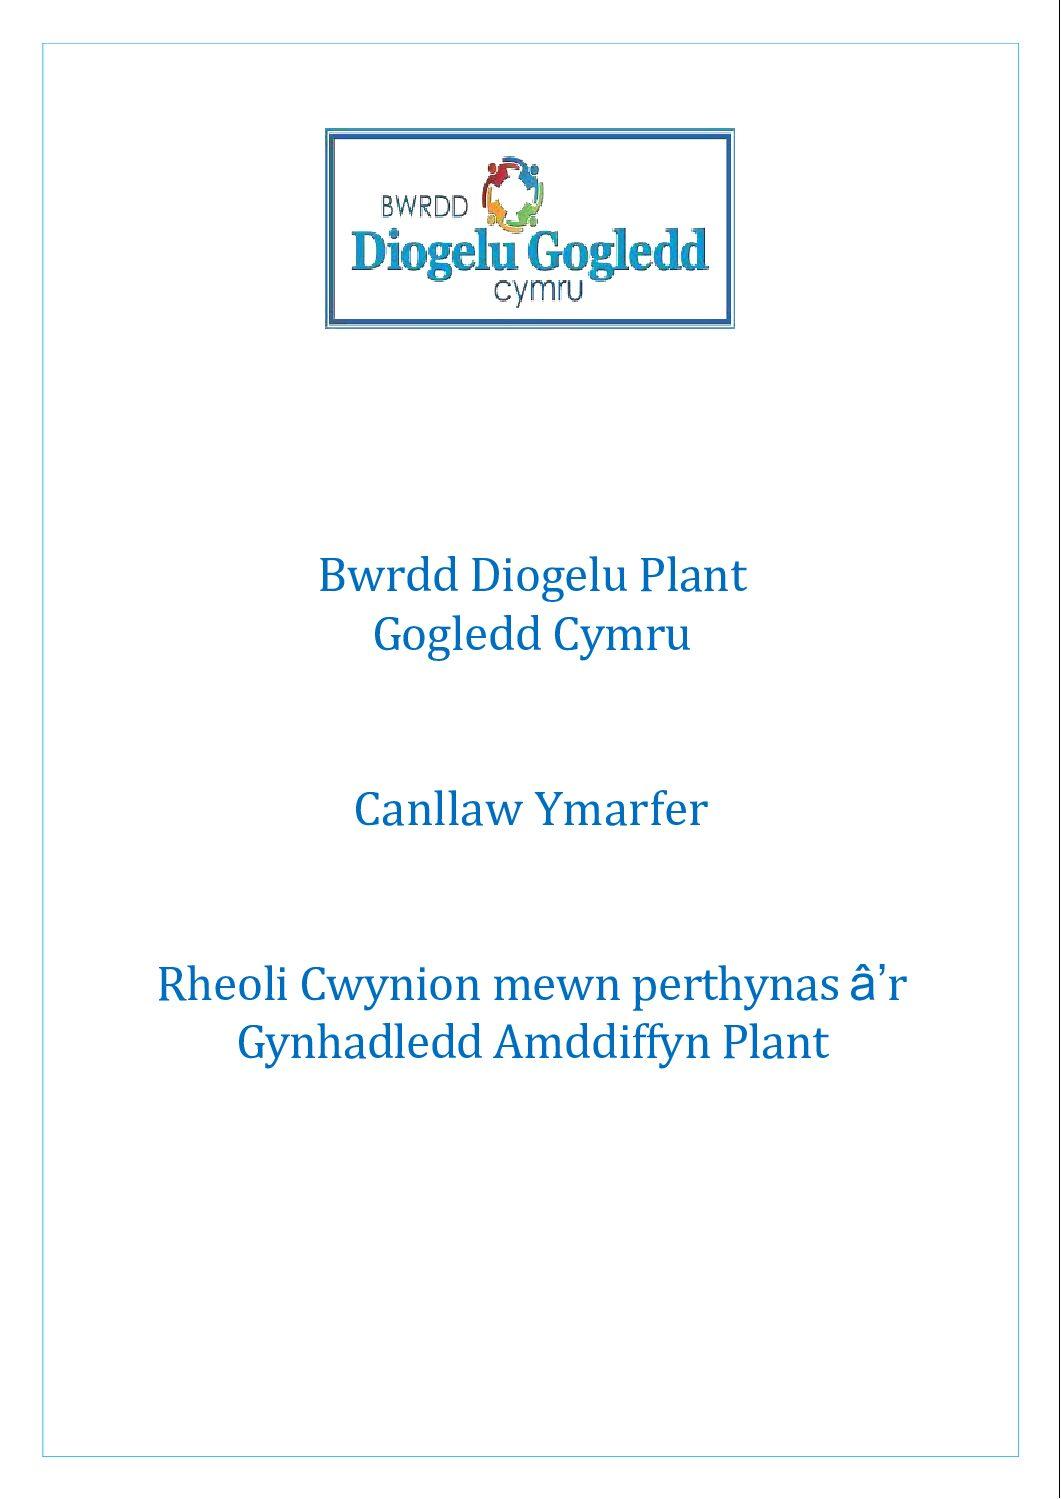 BDPGC Canllaw Ymarfer Rheoli Cwynion mewn perthynas â'r Gynhadledd Amddiffyn Plant